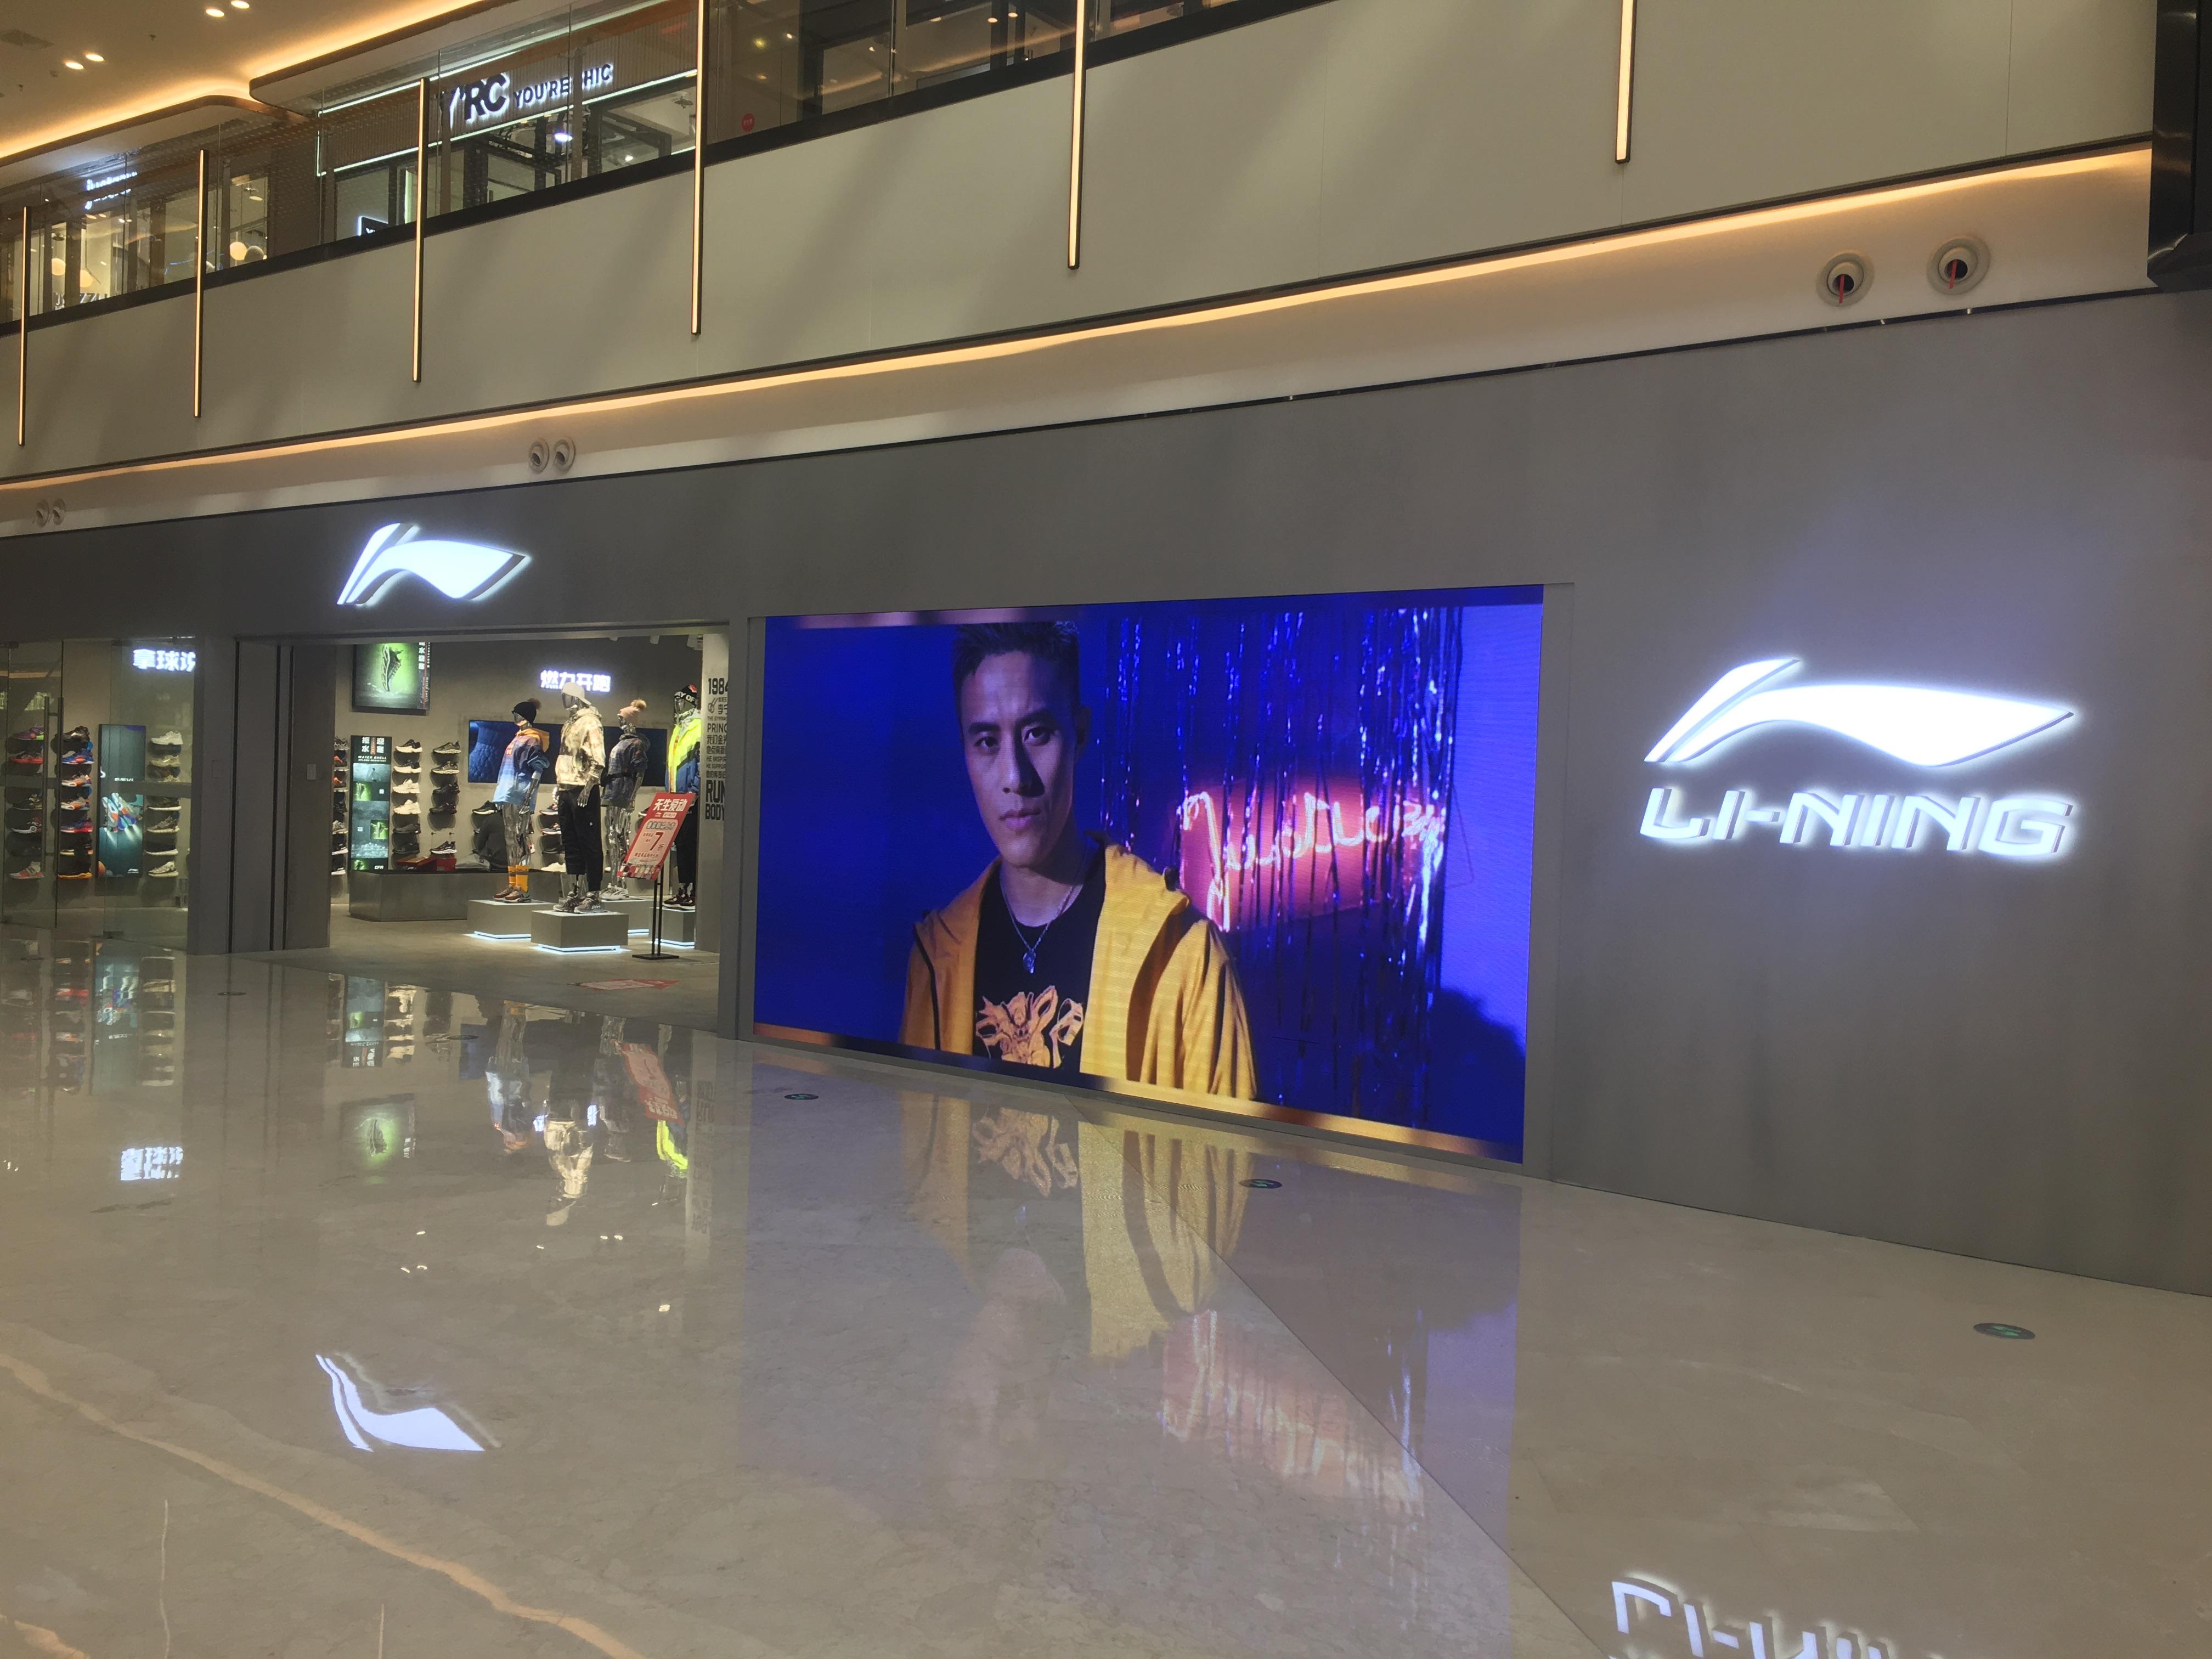 久屏显示室内全彩P3LED显示屏应用于李宁专卖店